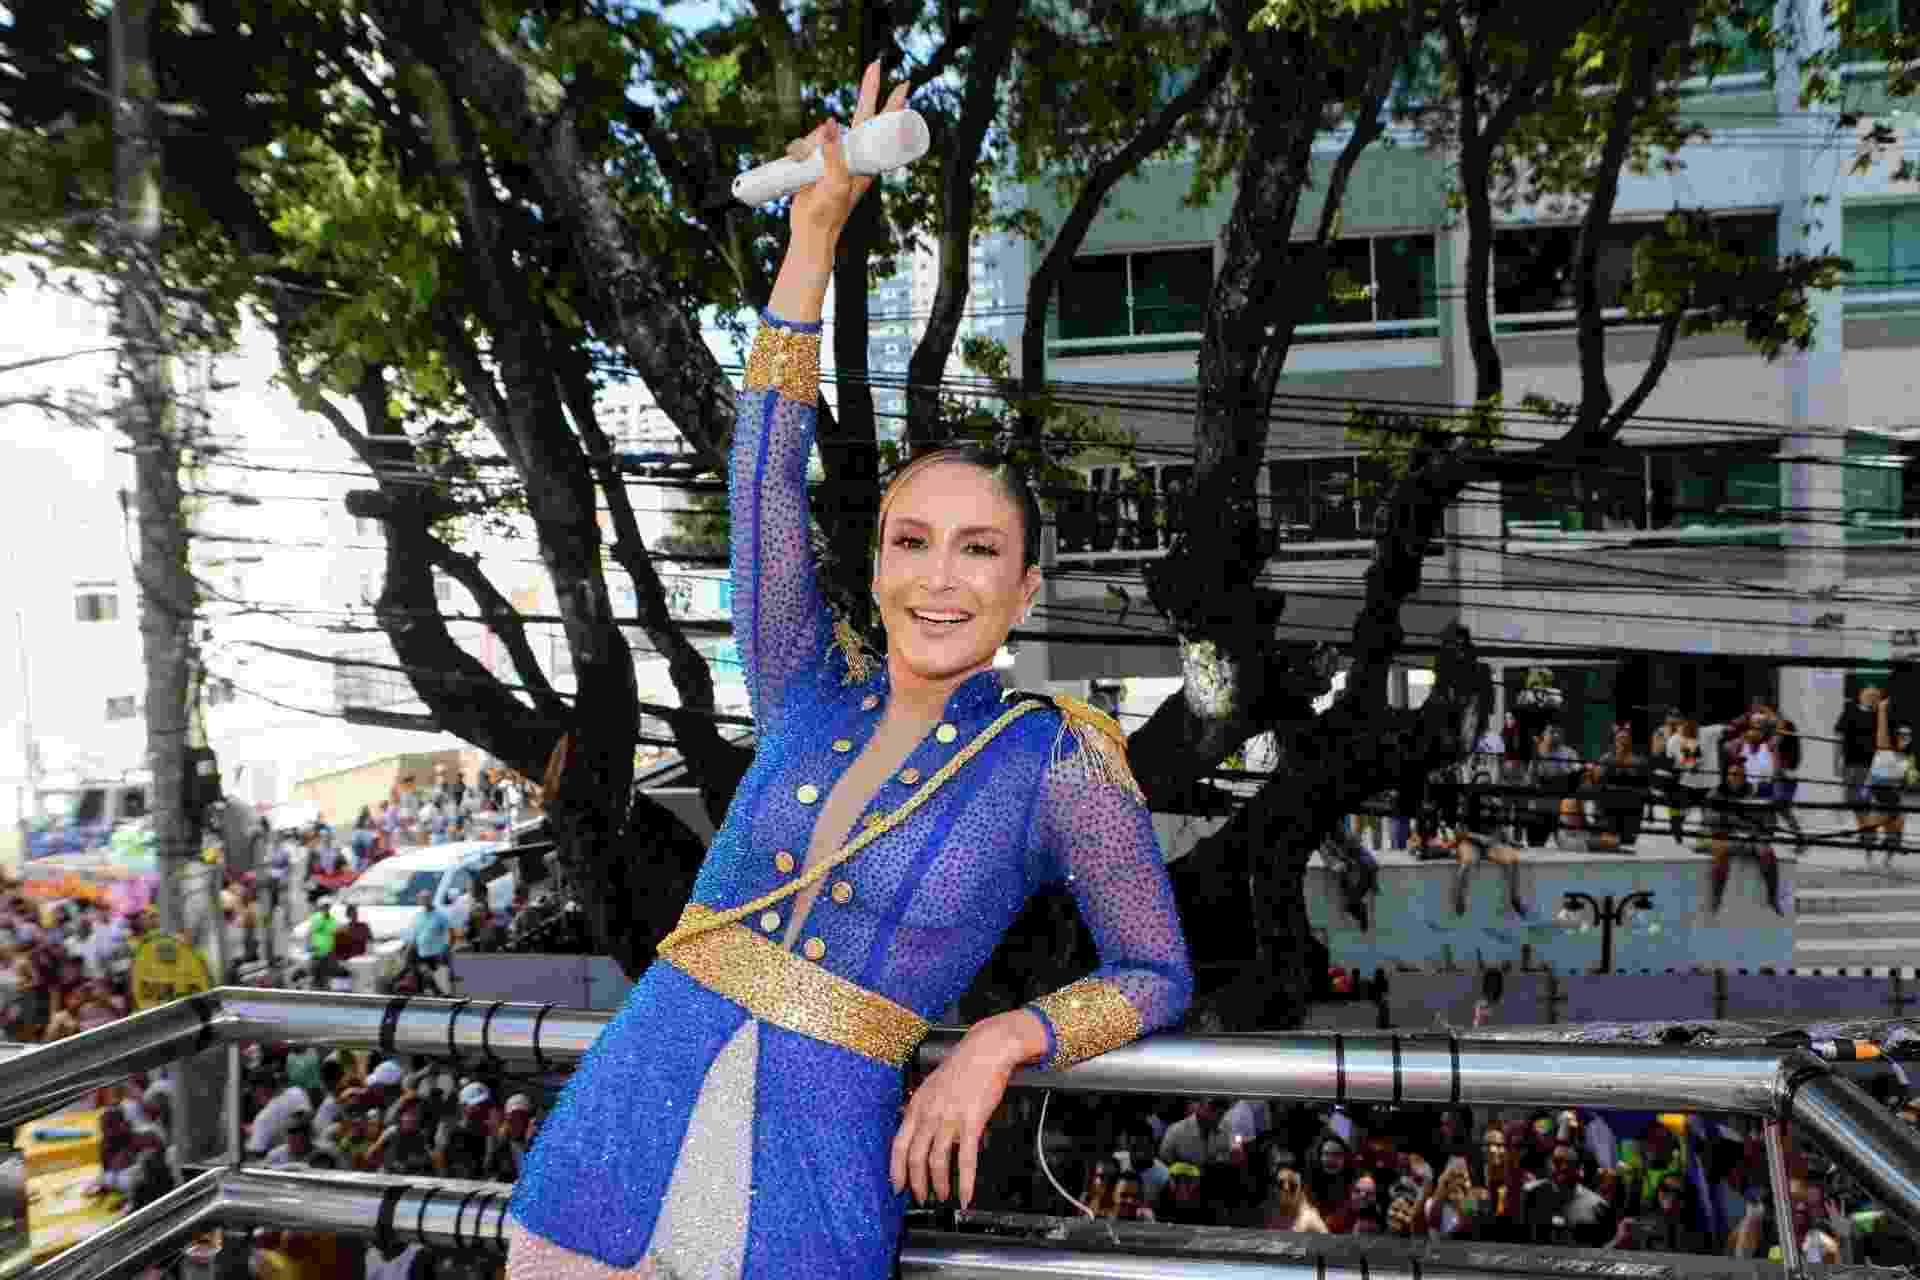 Claudia Leitte arrasta foliões no circuito Campo Grande, em Salvador, em mais um dia de Carnaval - Dilson Silva/AgNews